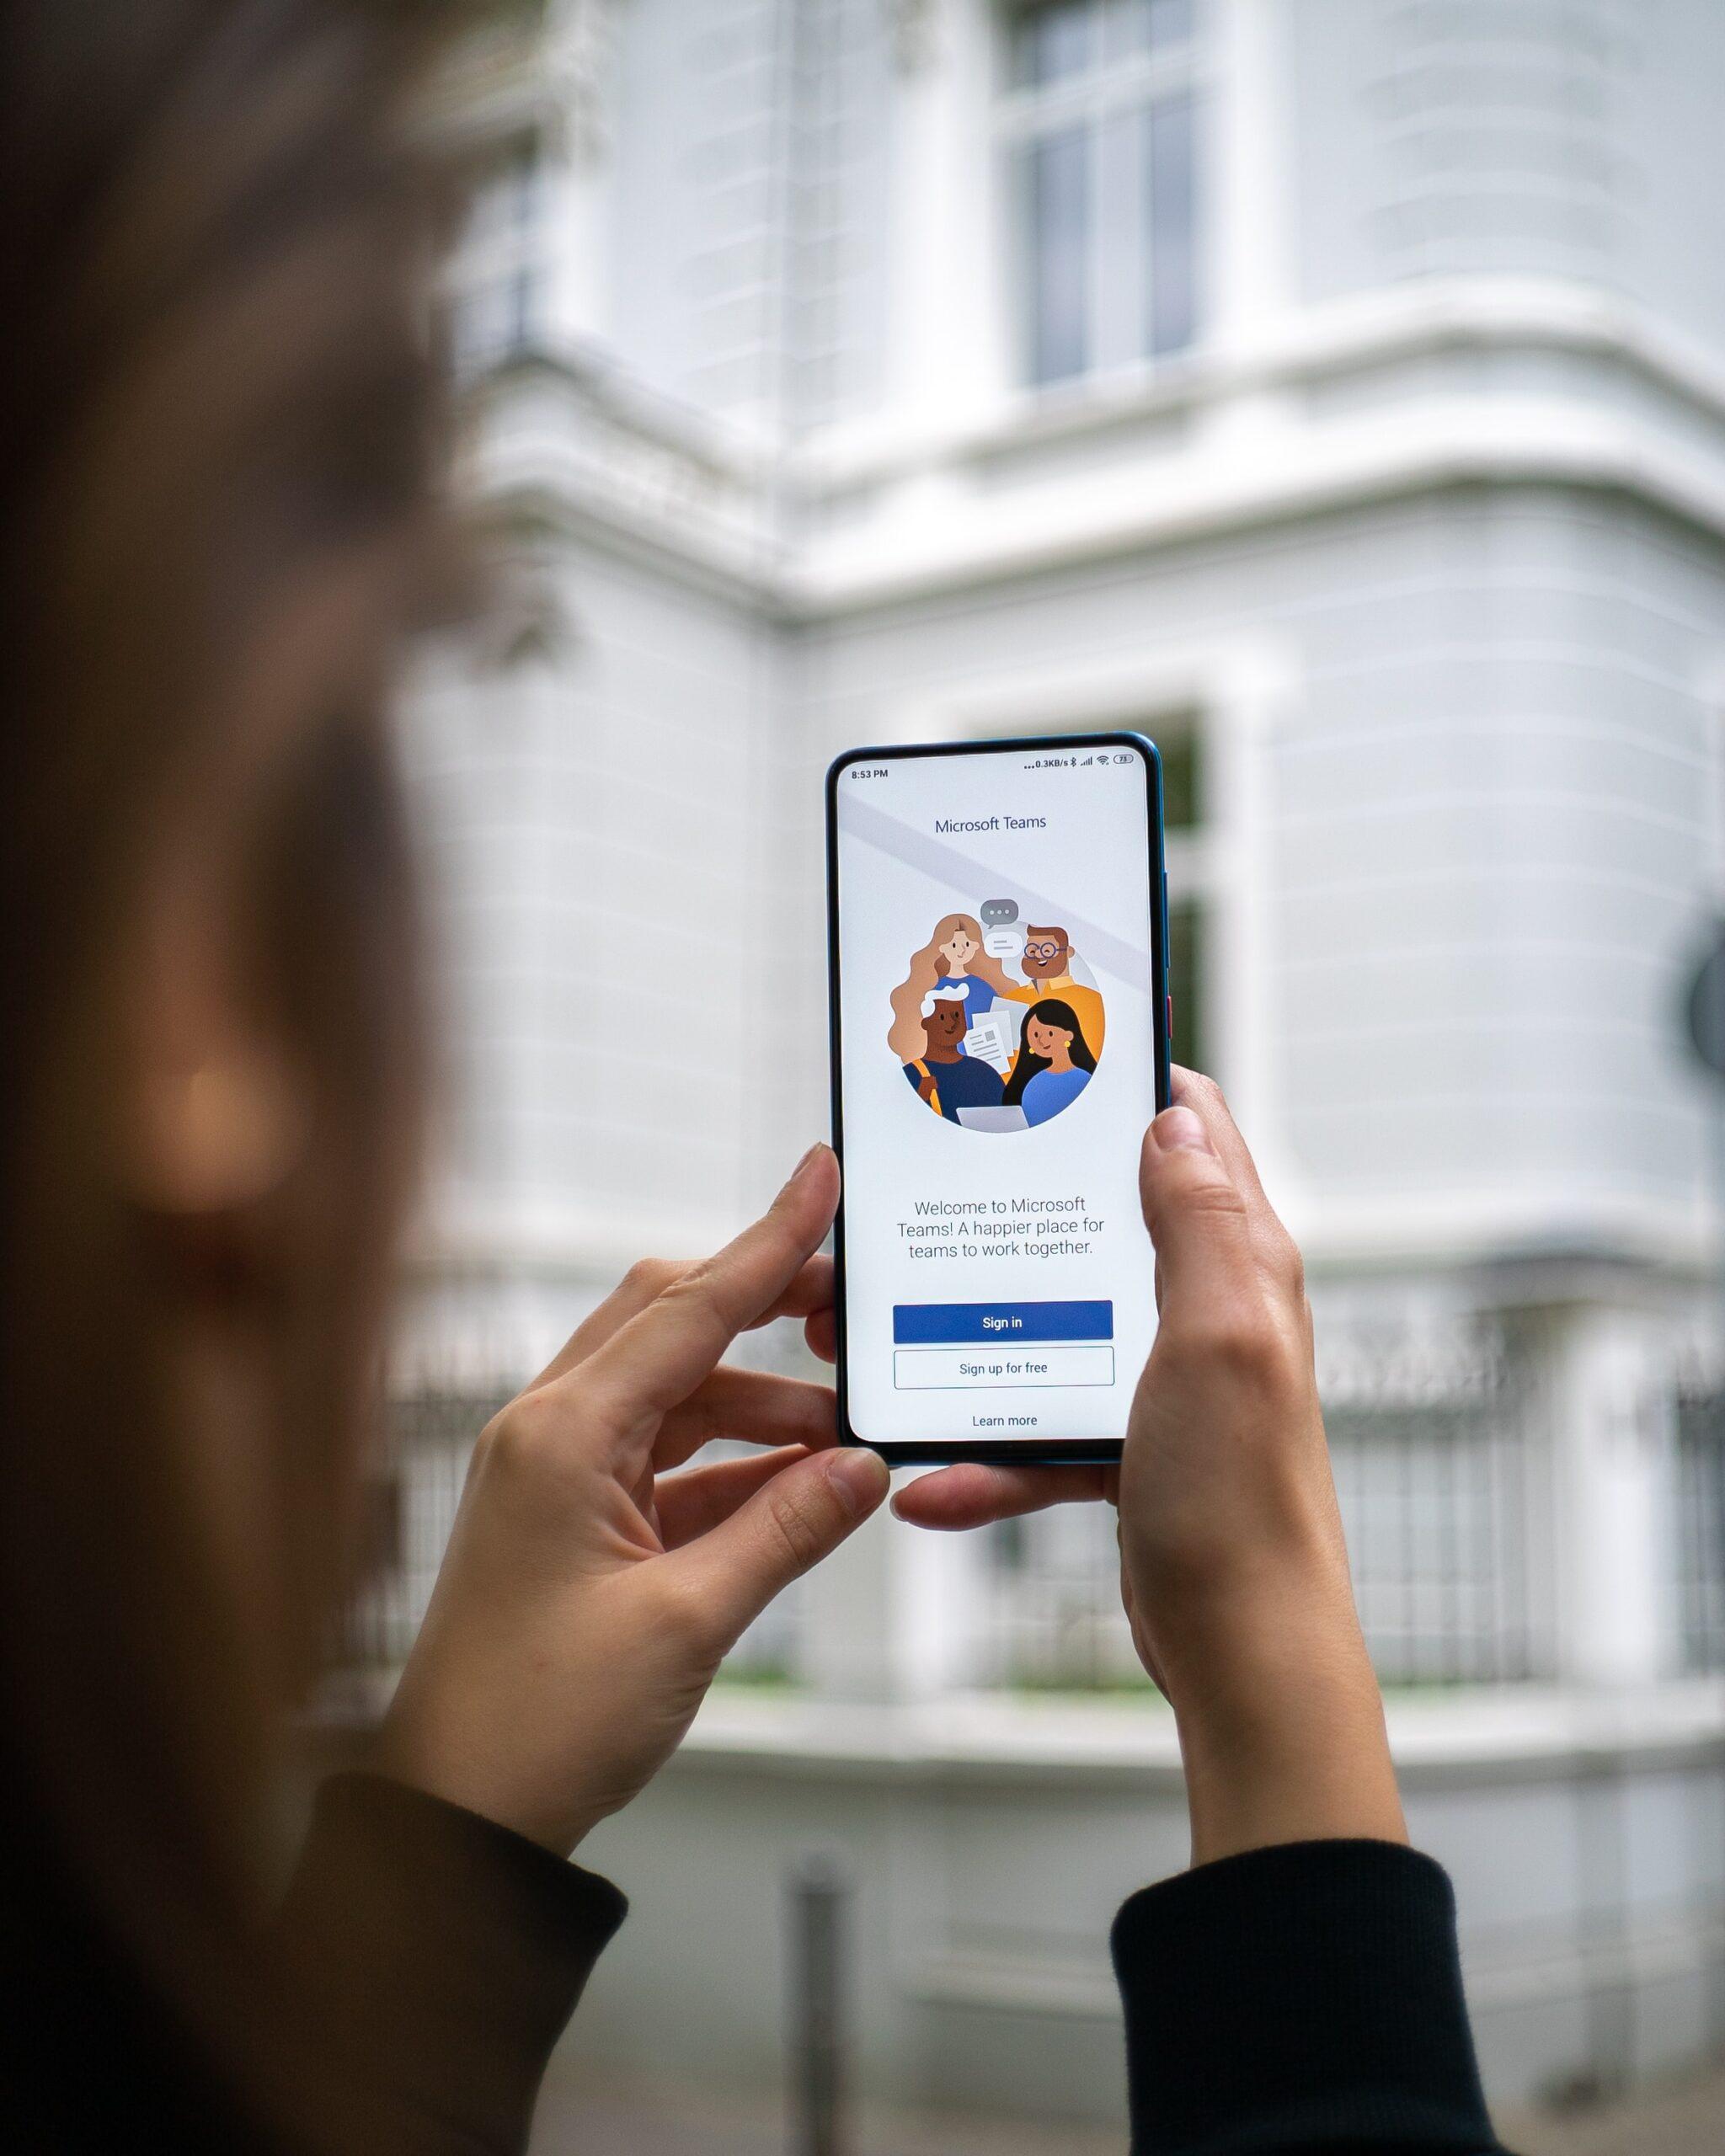 schermata iphone con chatbot come esempio di ausillio per mostre virtuali